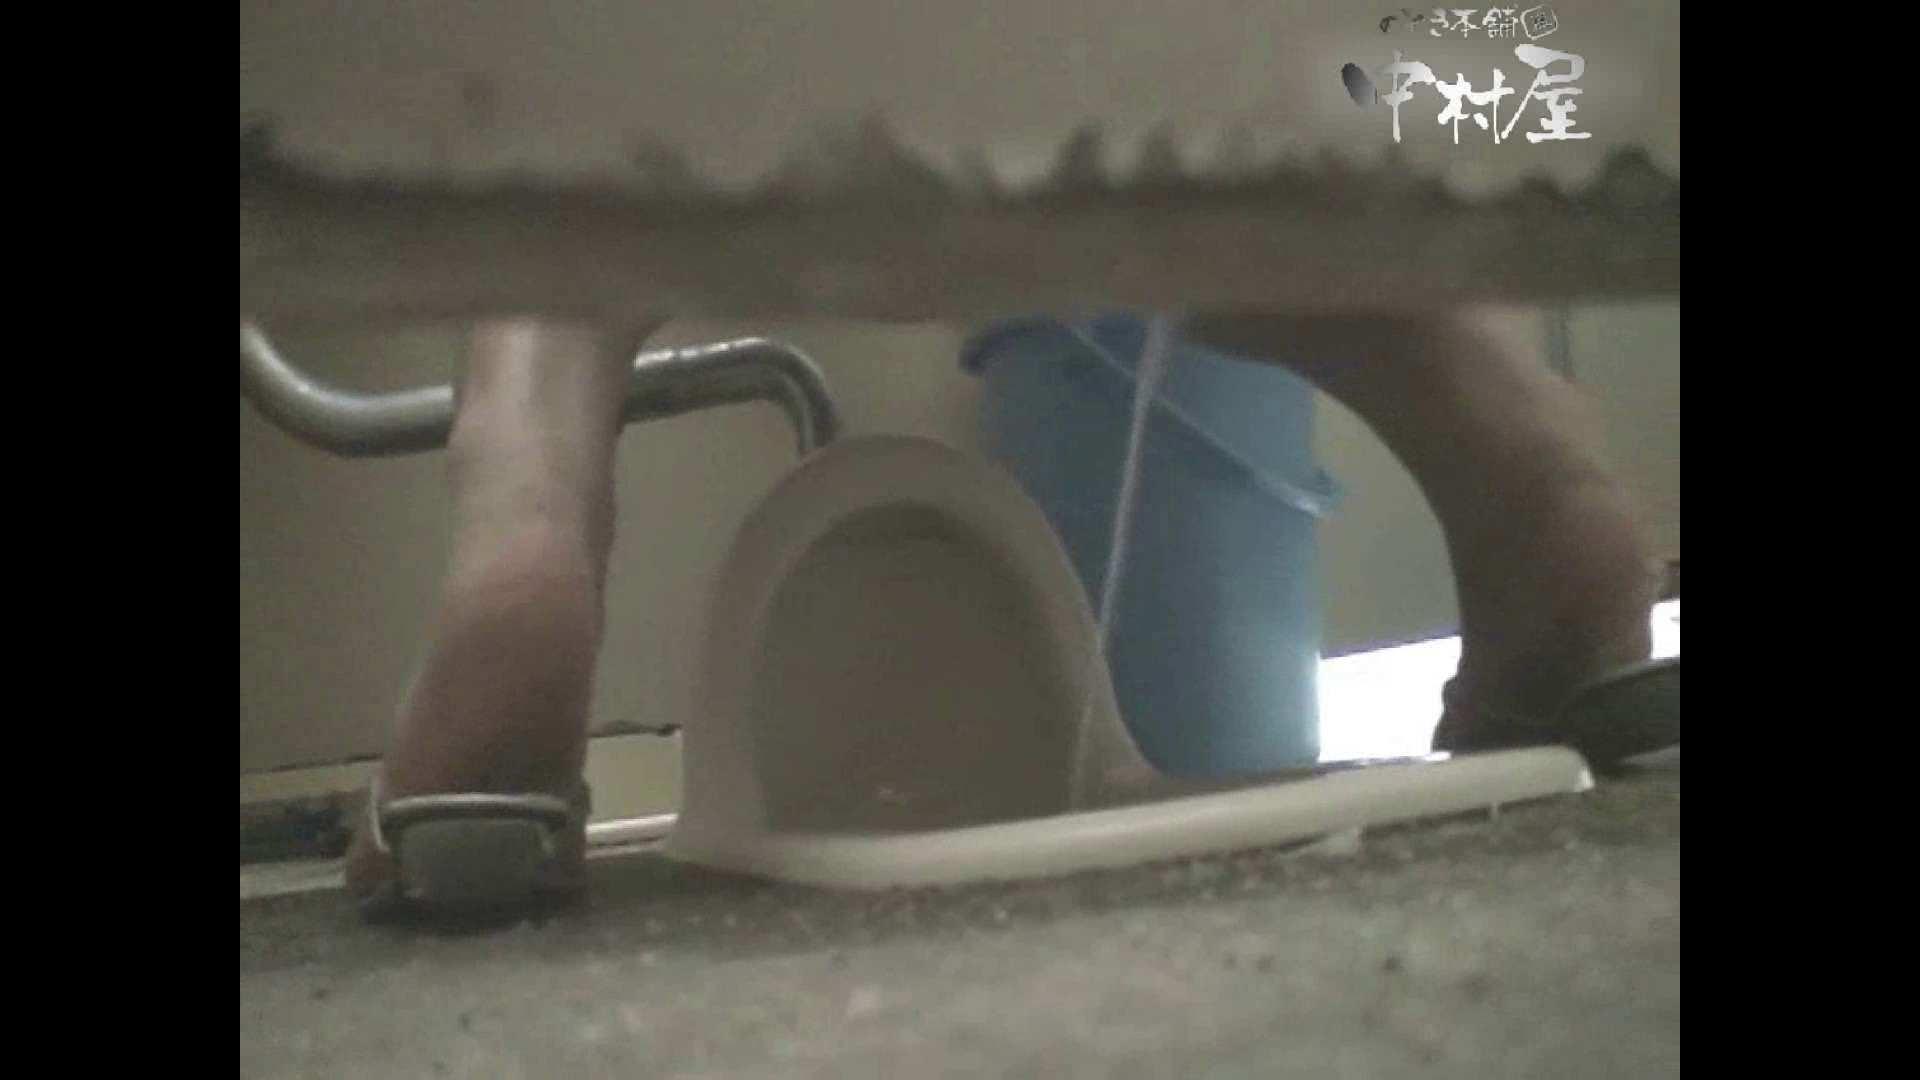 岩手県在住盗撮師盗撮記録vol.19 お姉さんのエロ動画 おまんこ動画流出 105PIX 43